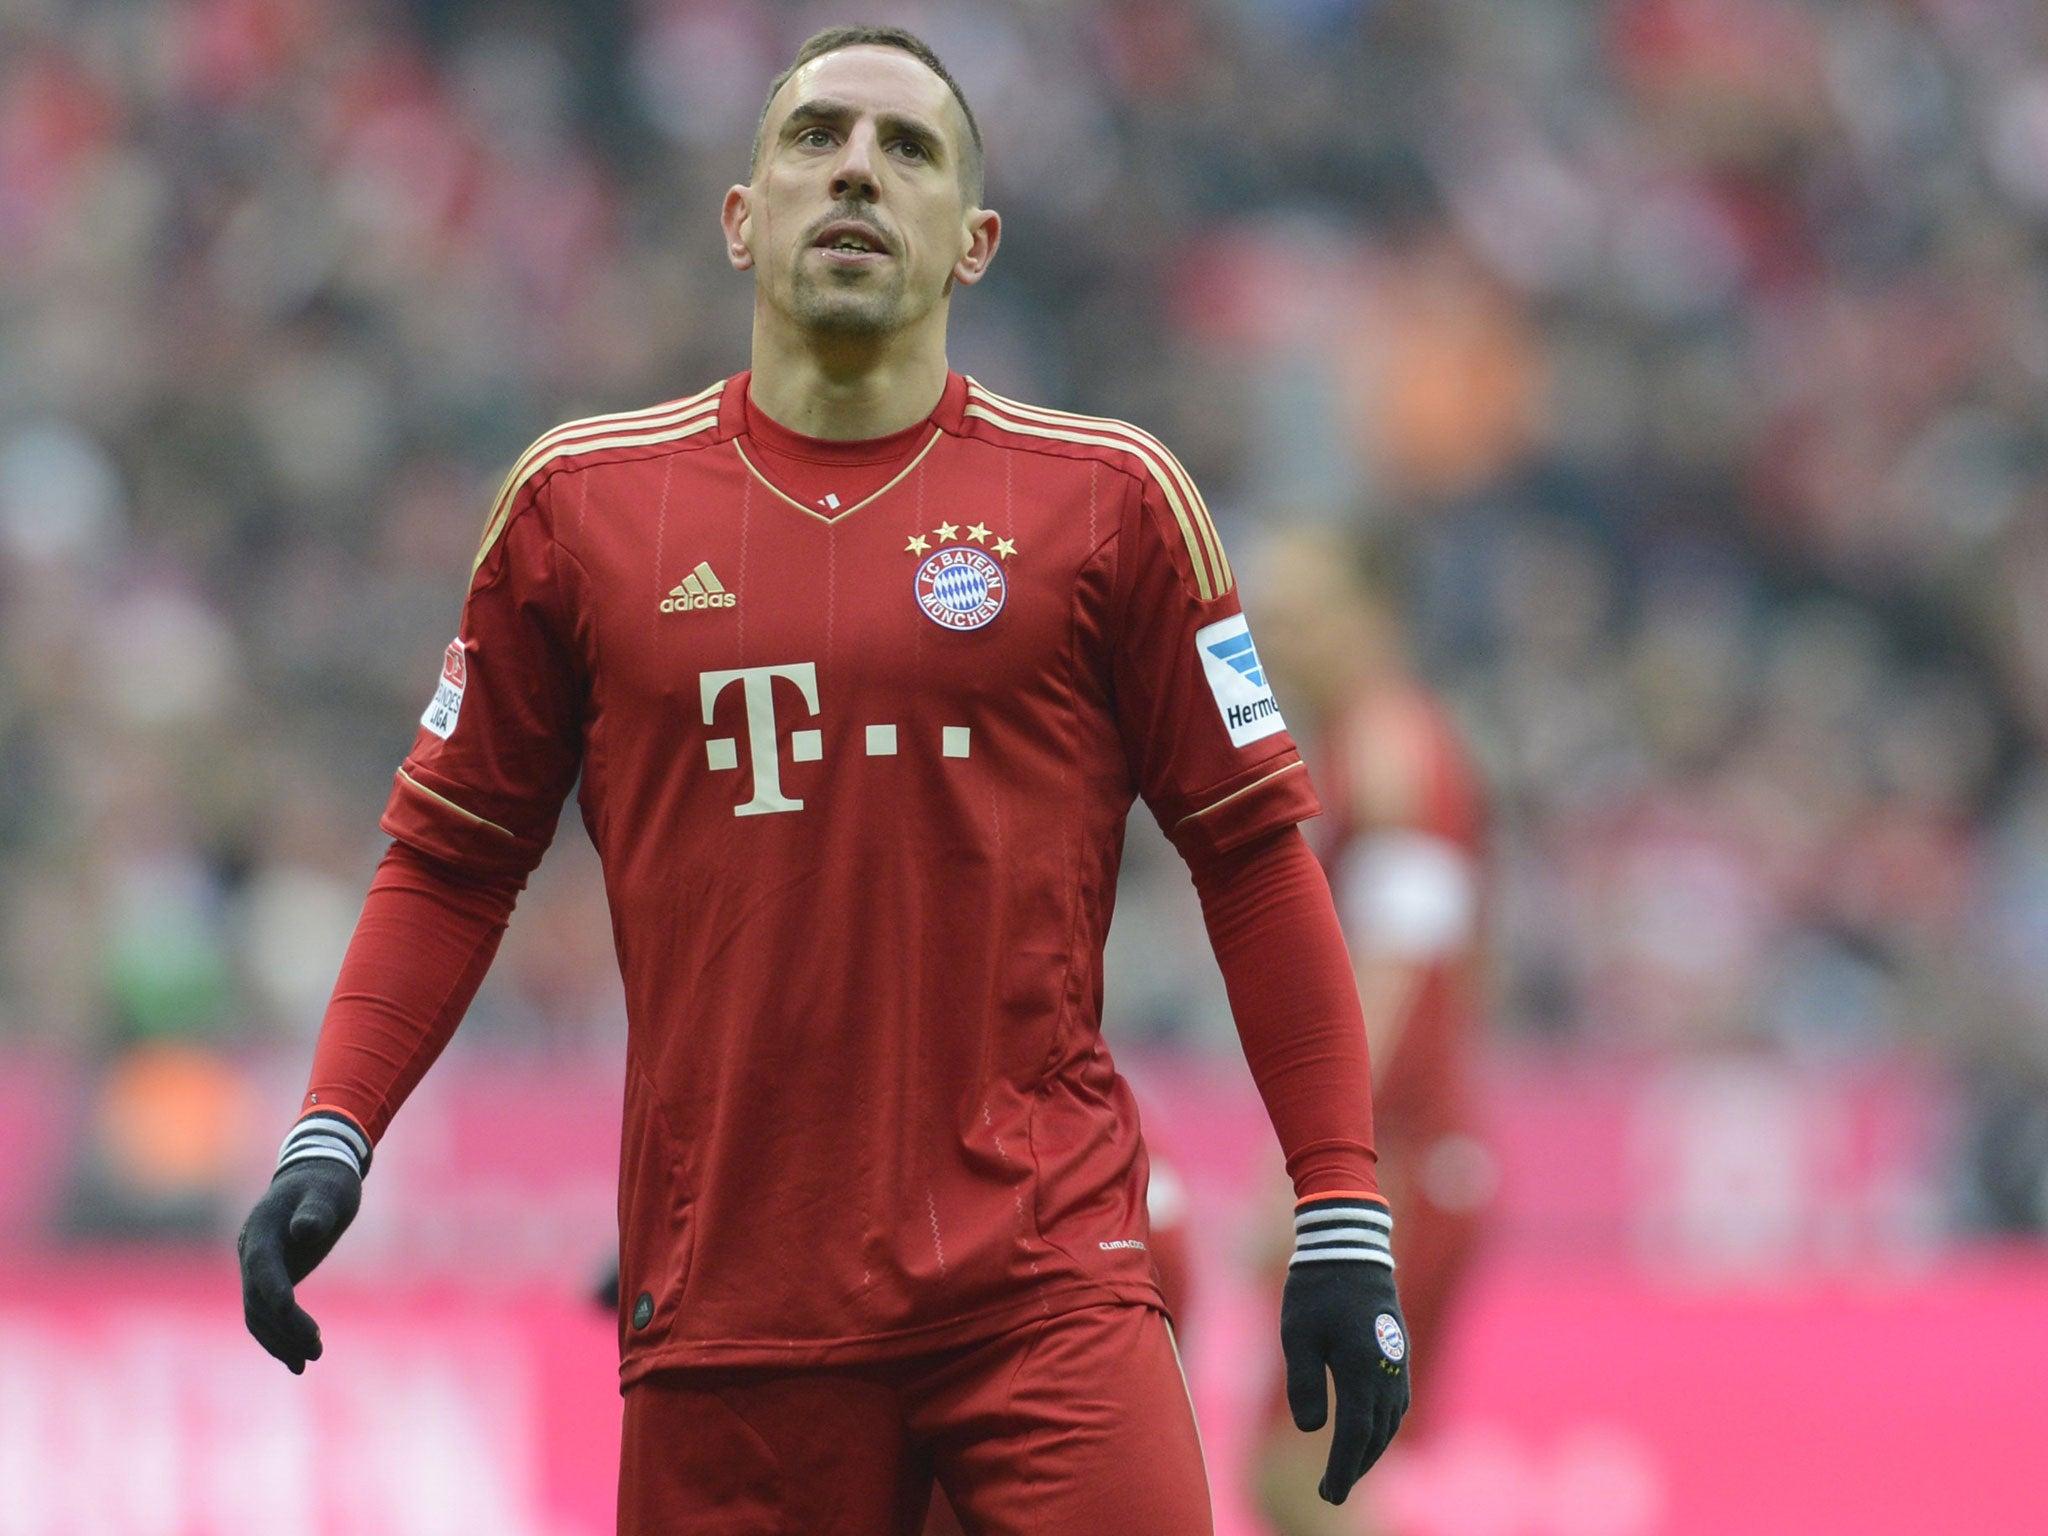 Bayern Munich midfielder Franck Ribery to miss Champions League